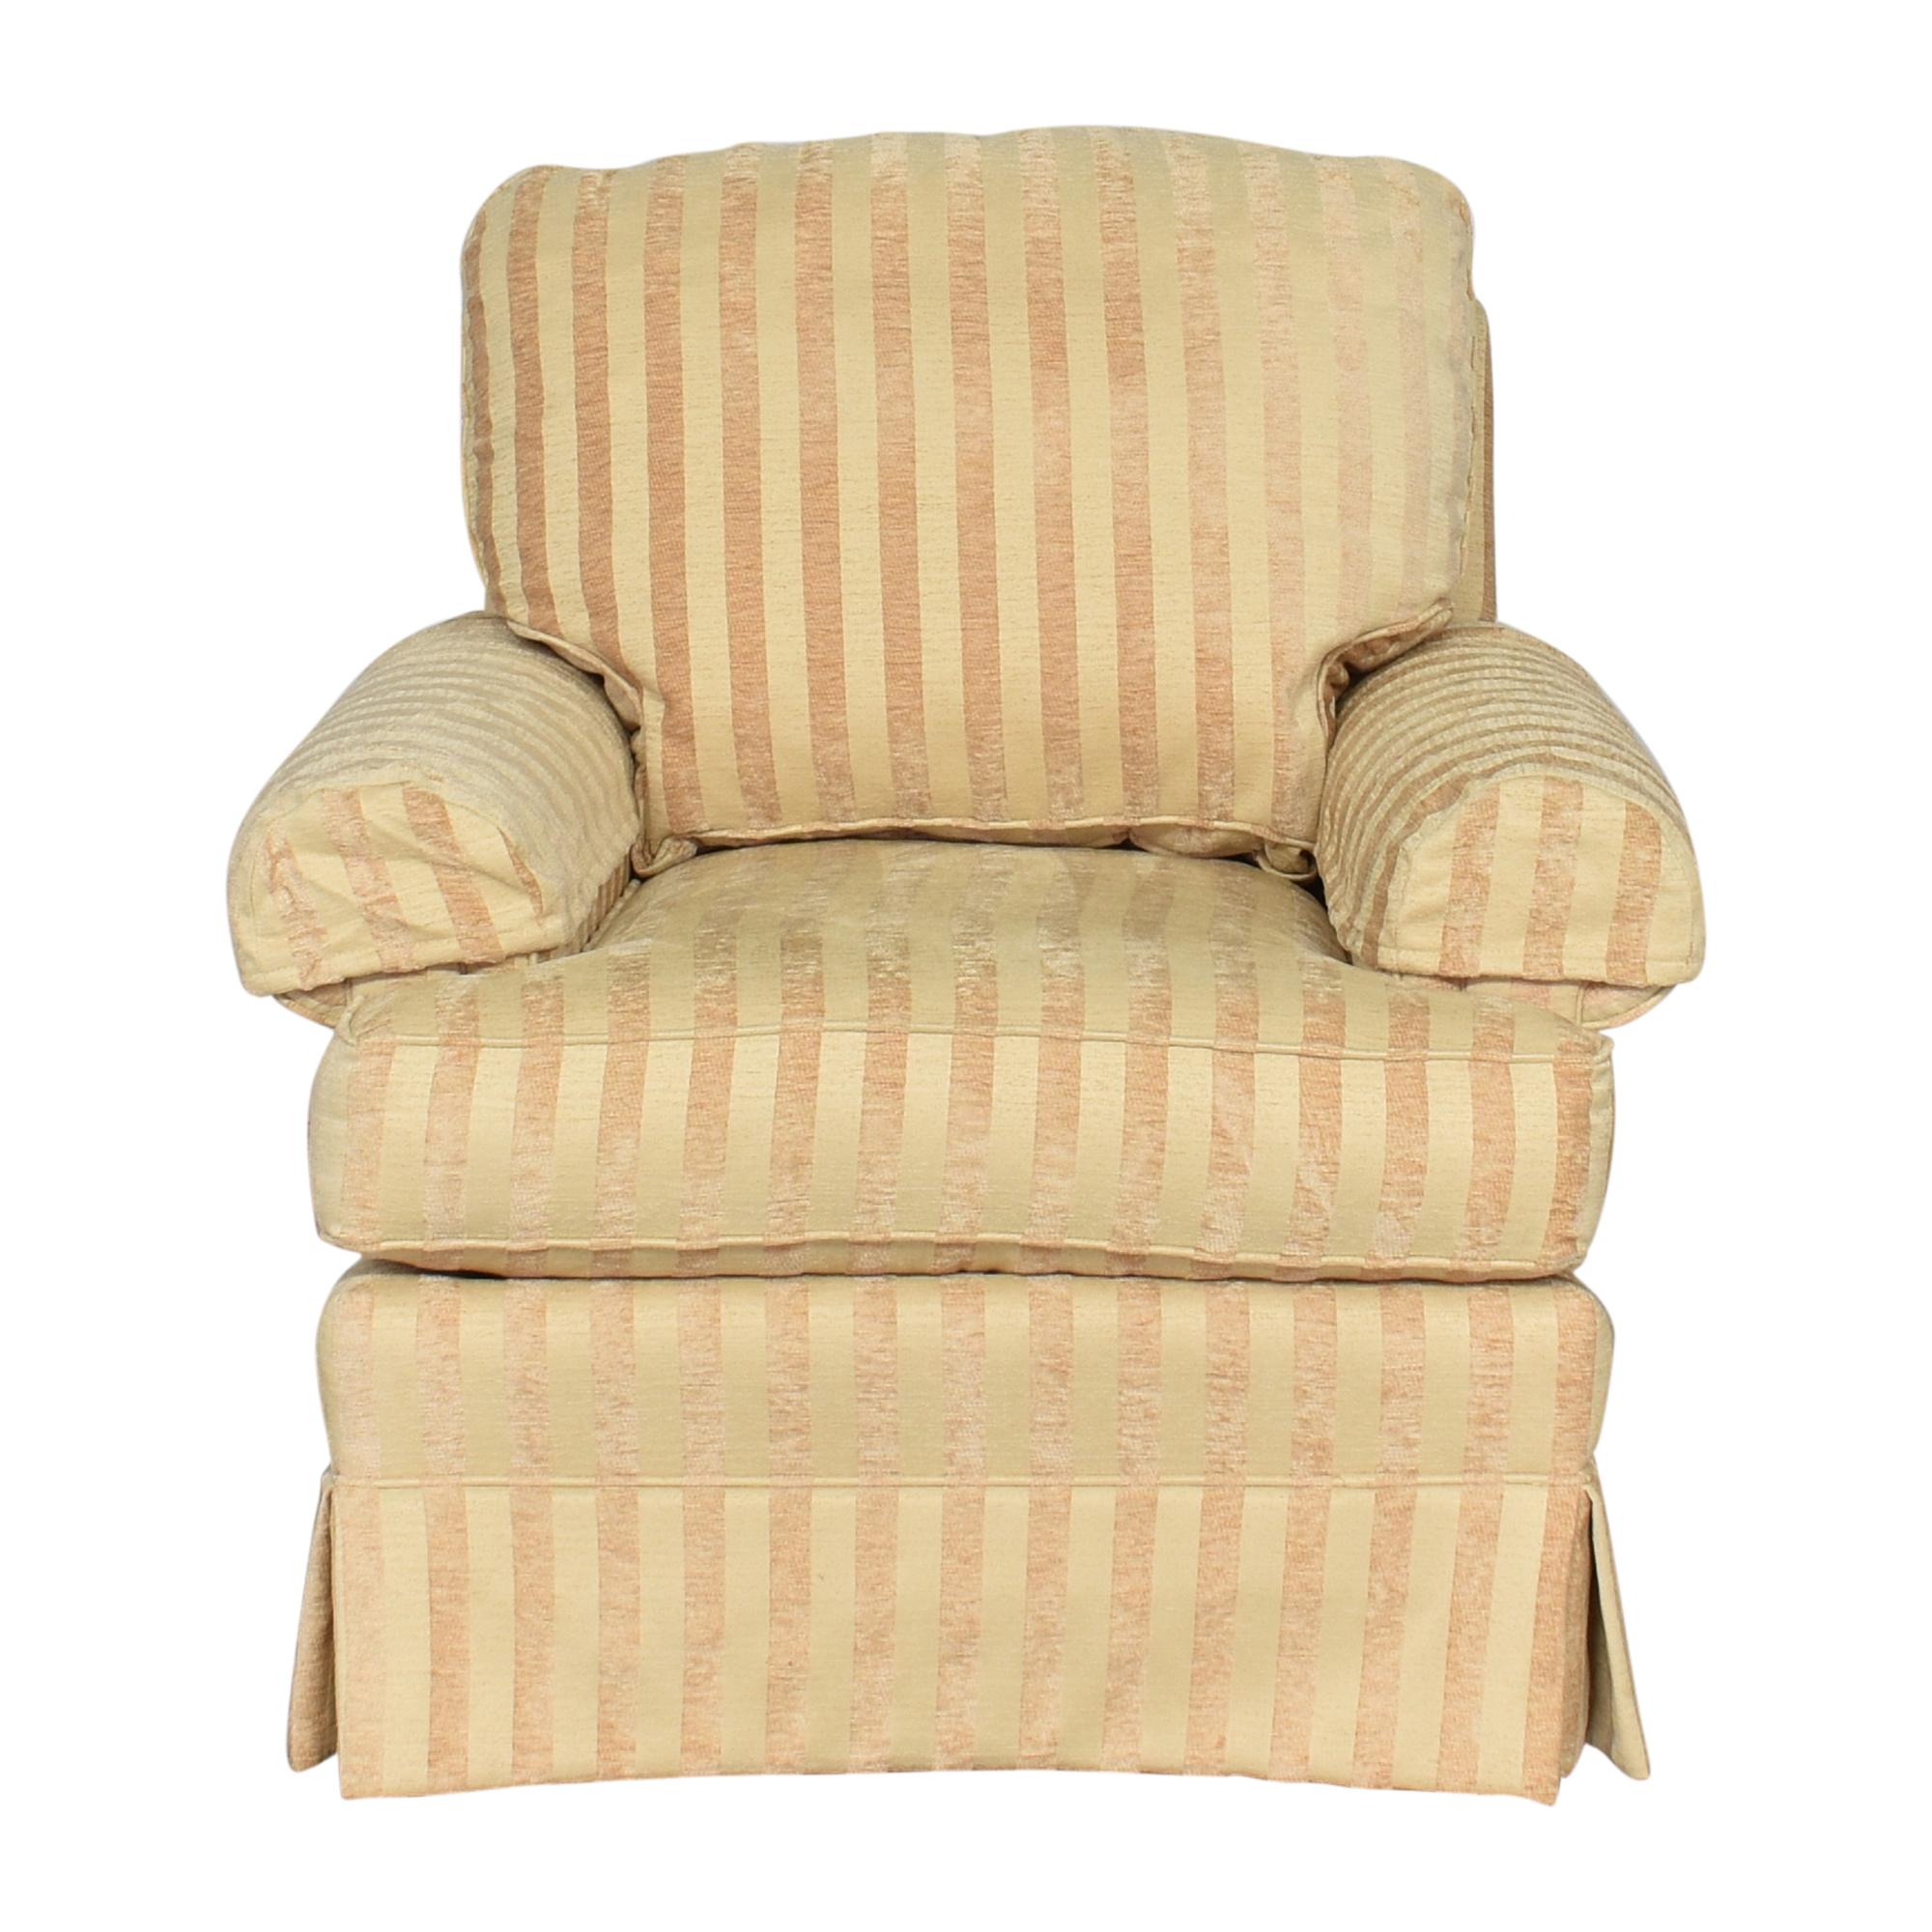 Sherrill Furniture Sherrill Furniture Accent Chair discount